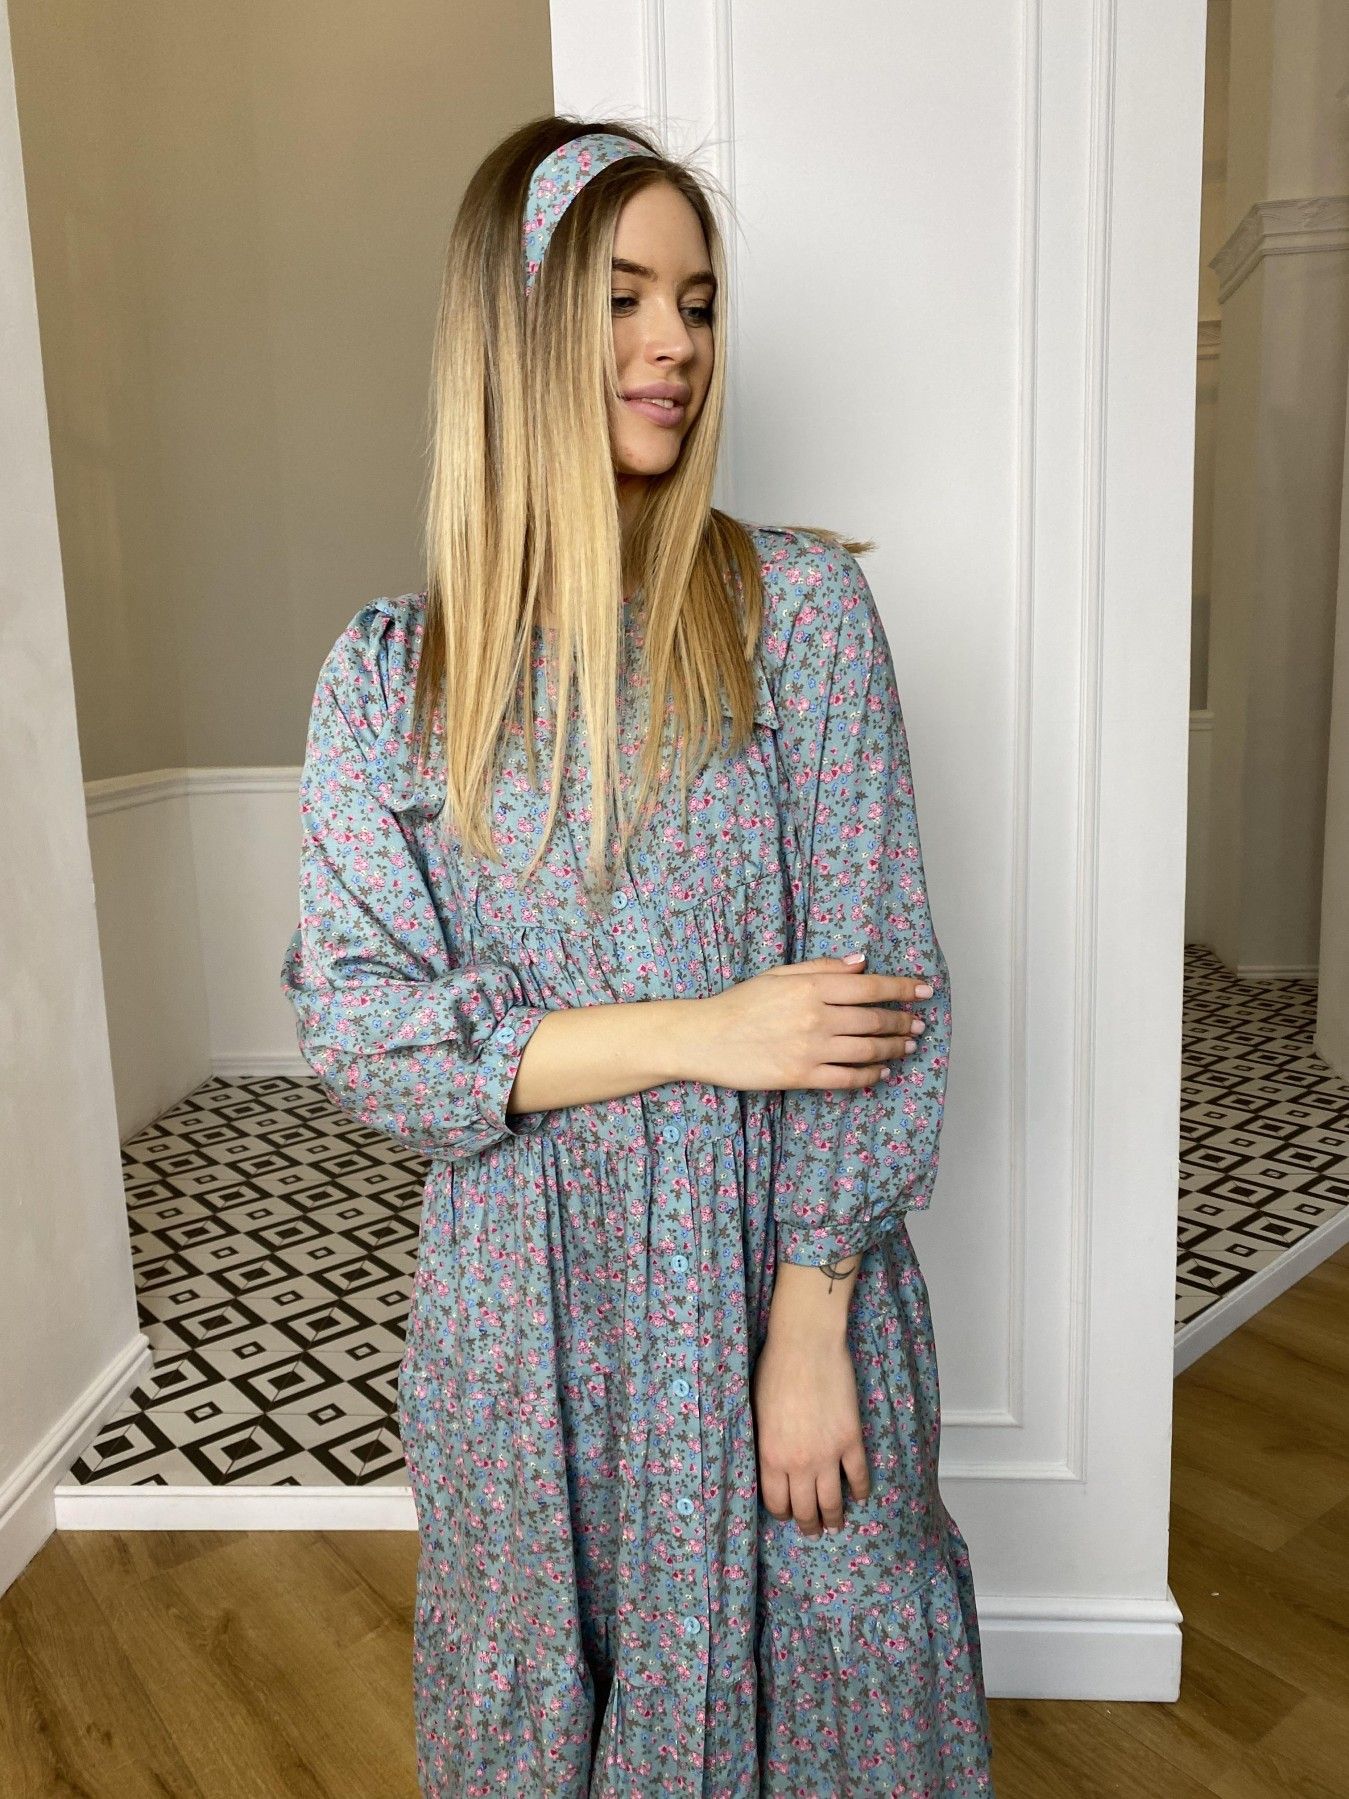 Берри миди платье штапель принт 10875 АРТ. 47343 Цвет: Цветы мел олива/роз/гол - фото 6, интернет магазин tm-modus.ru